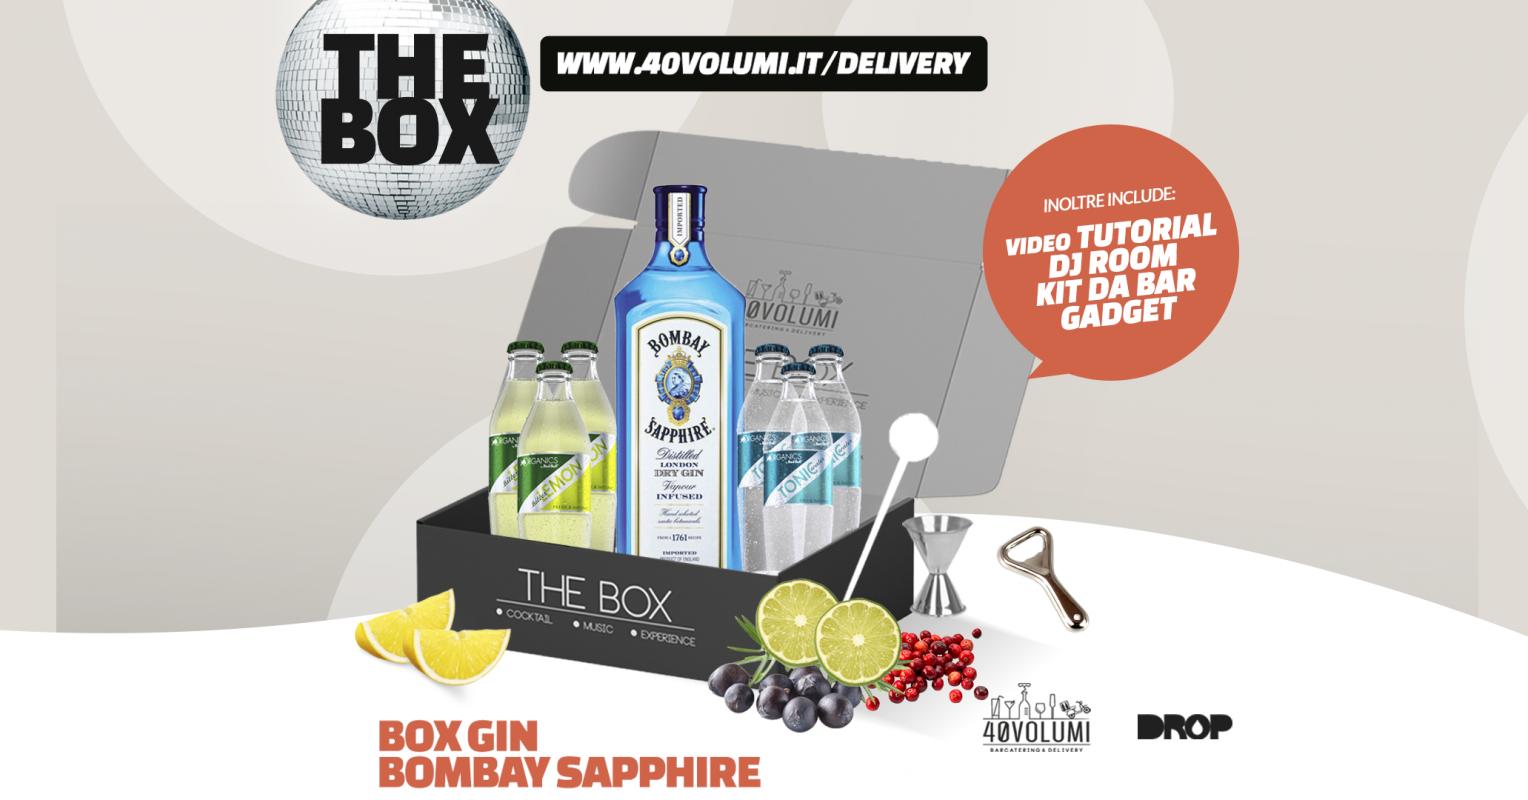 box gin bombay sapphire per 40 volumi